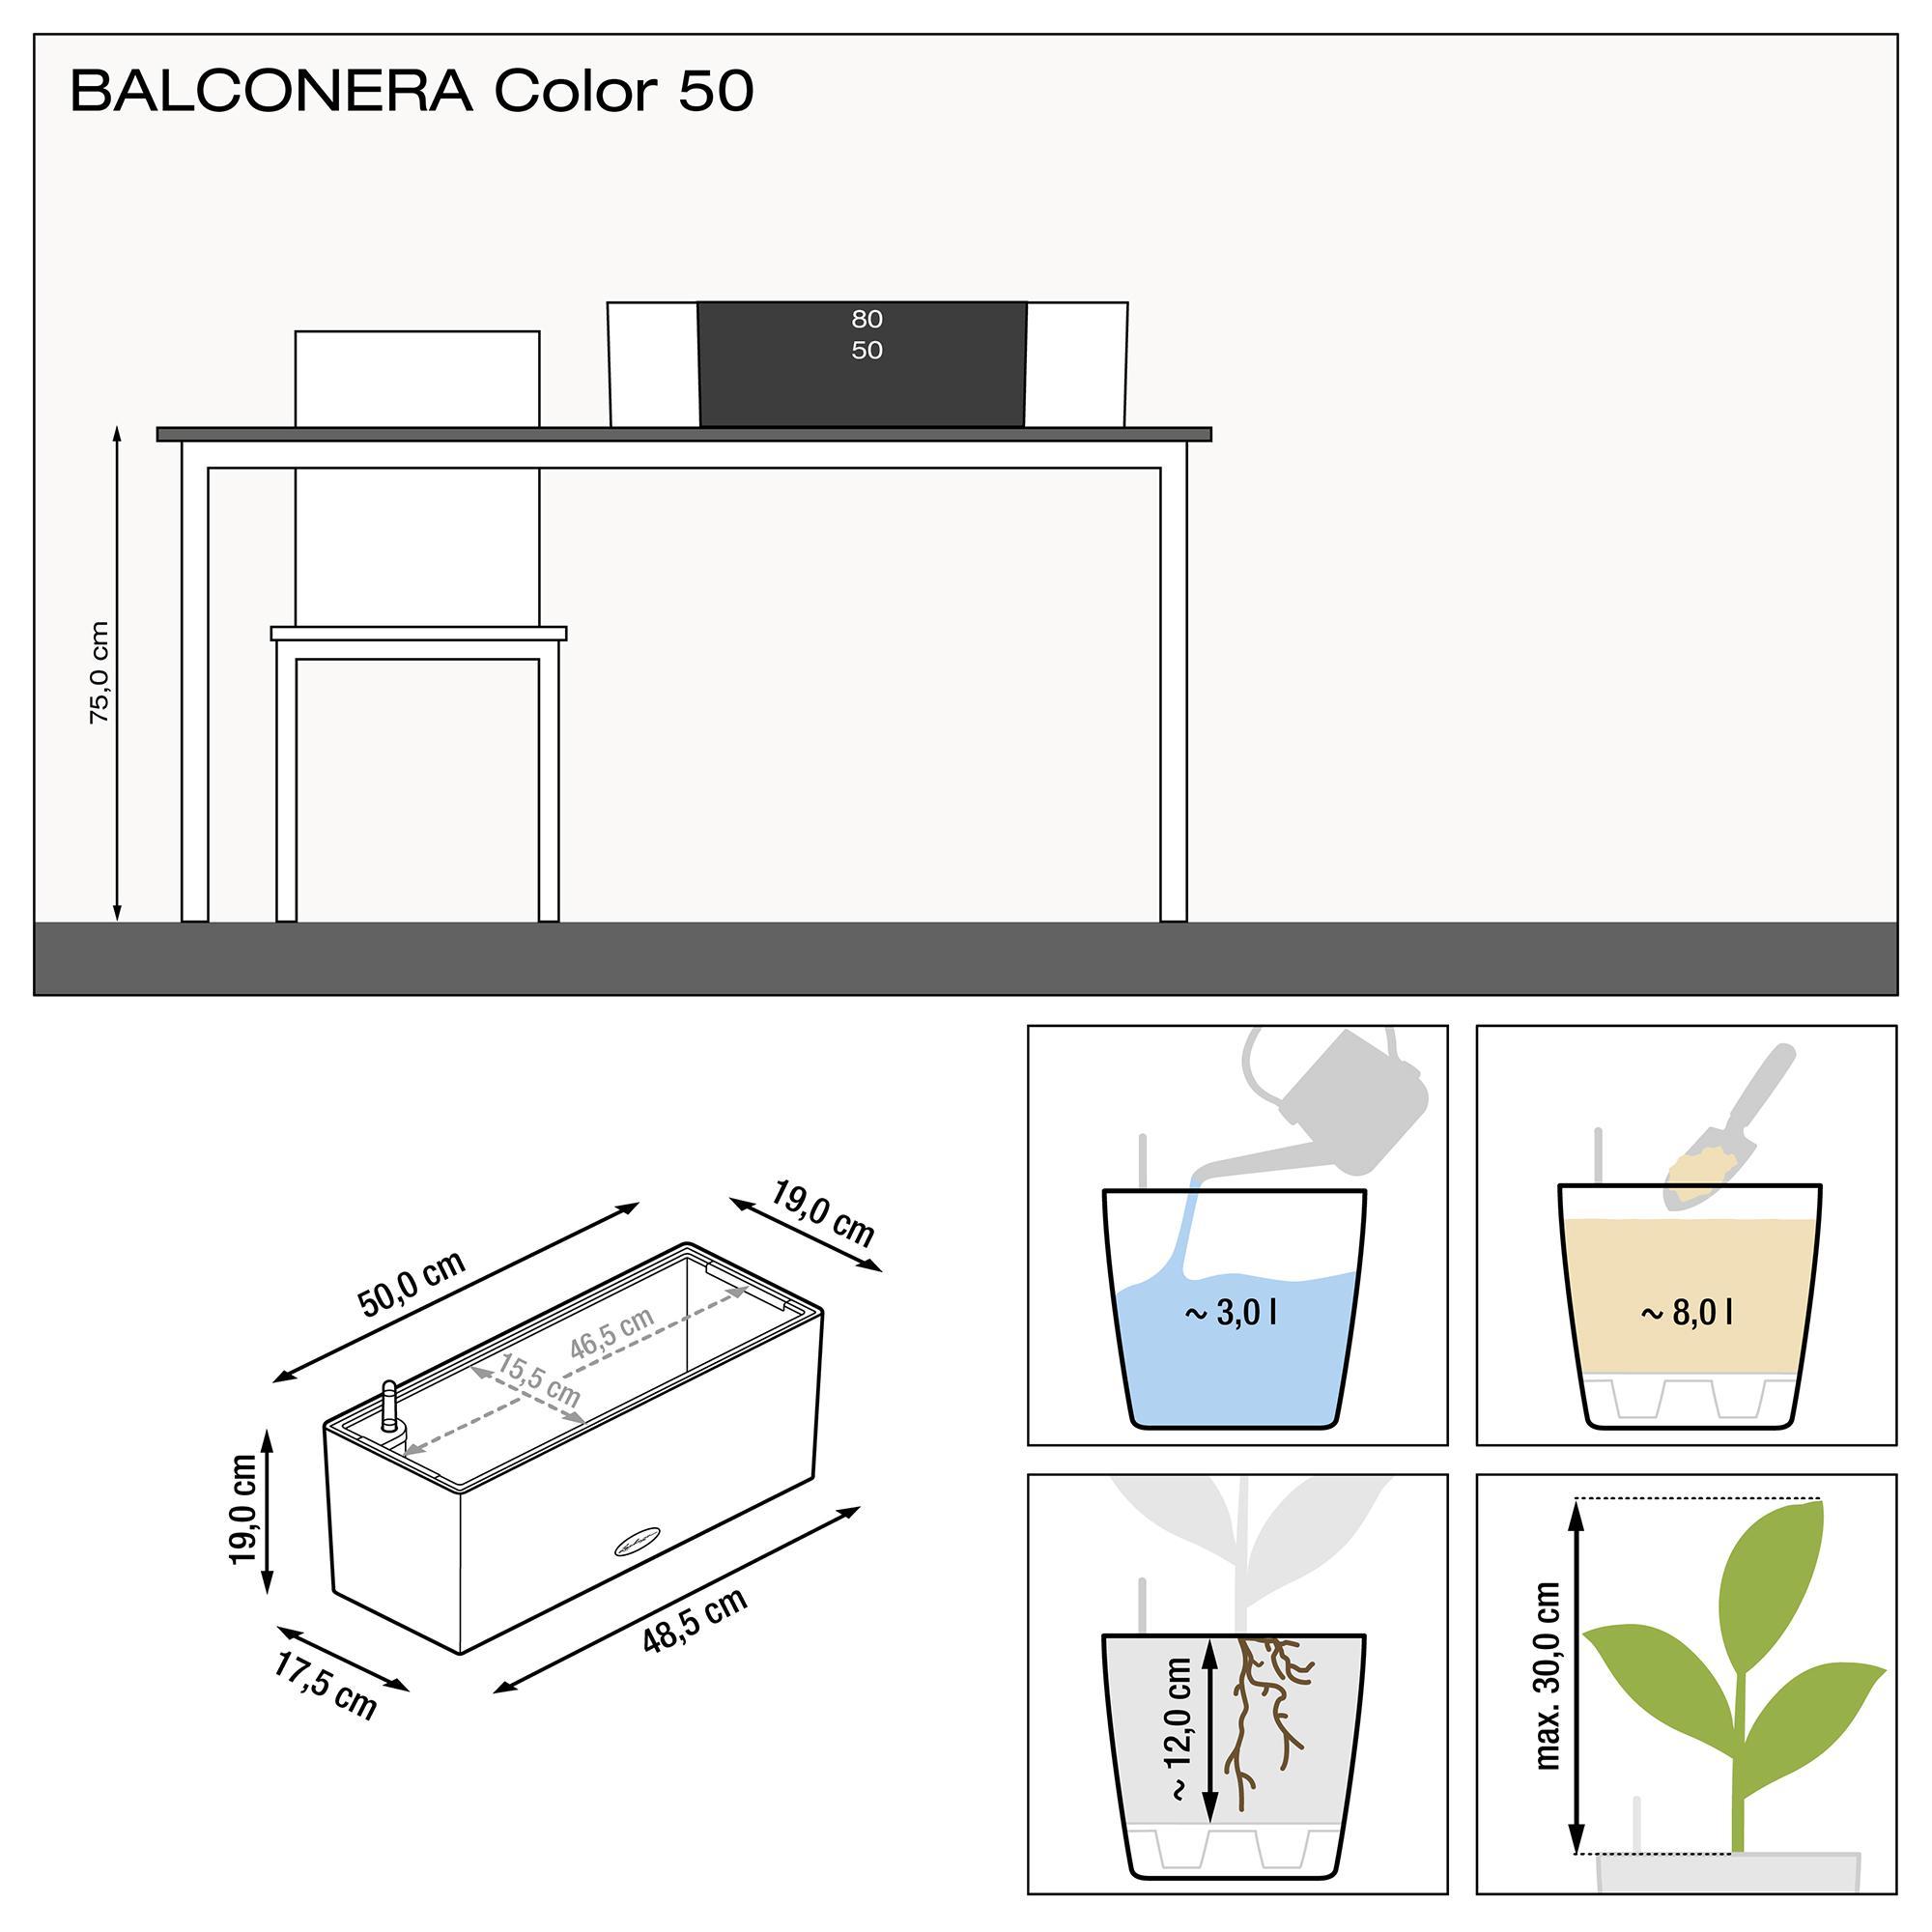 BALCONERA Color 50 schiefergrau - Bild 3